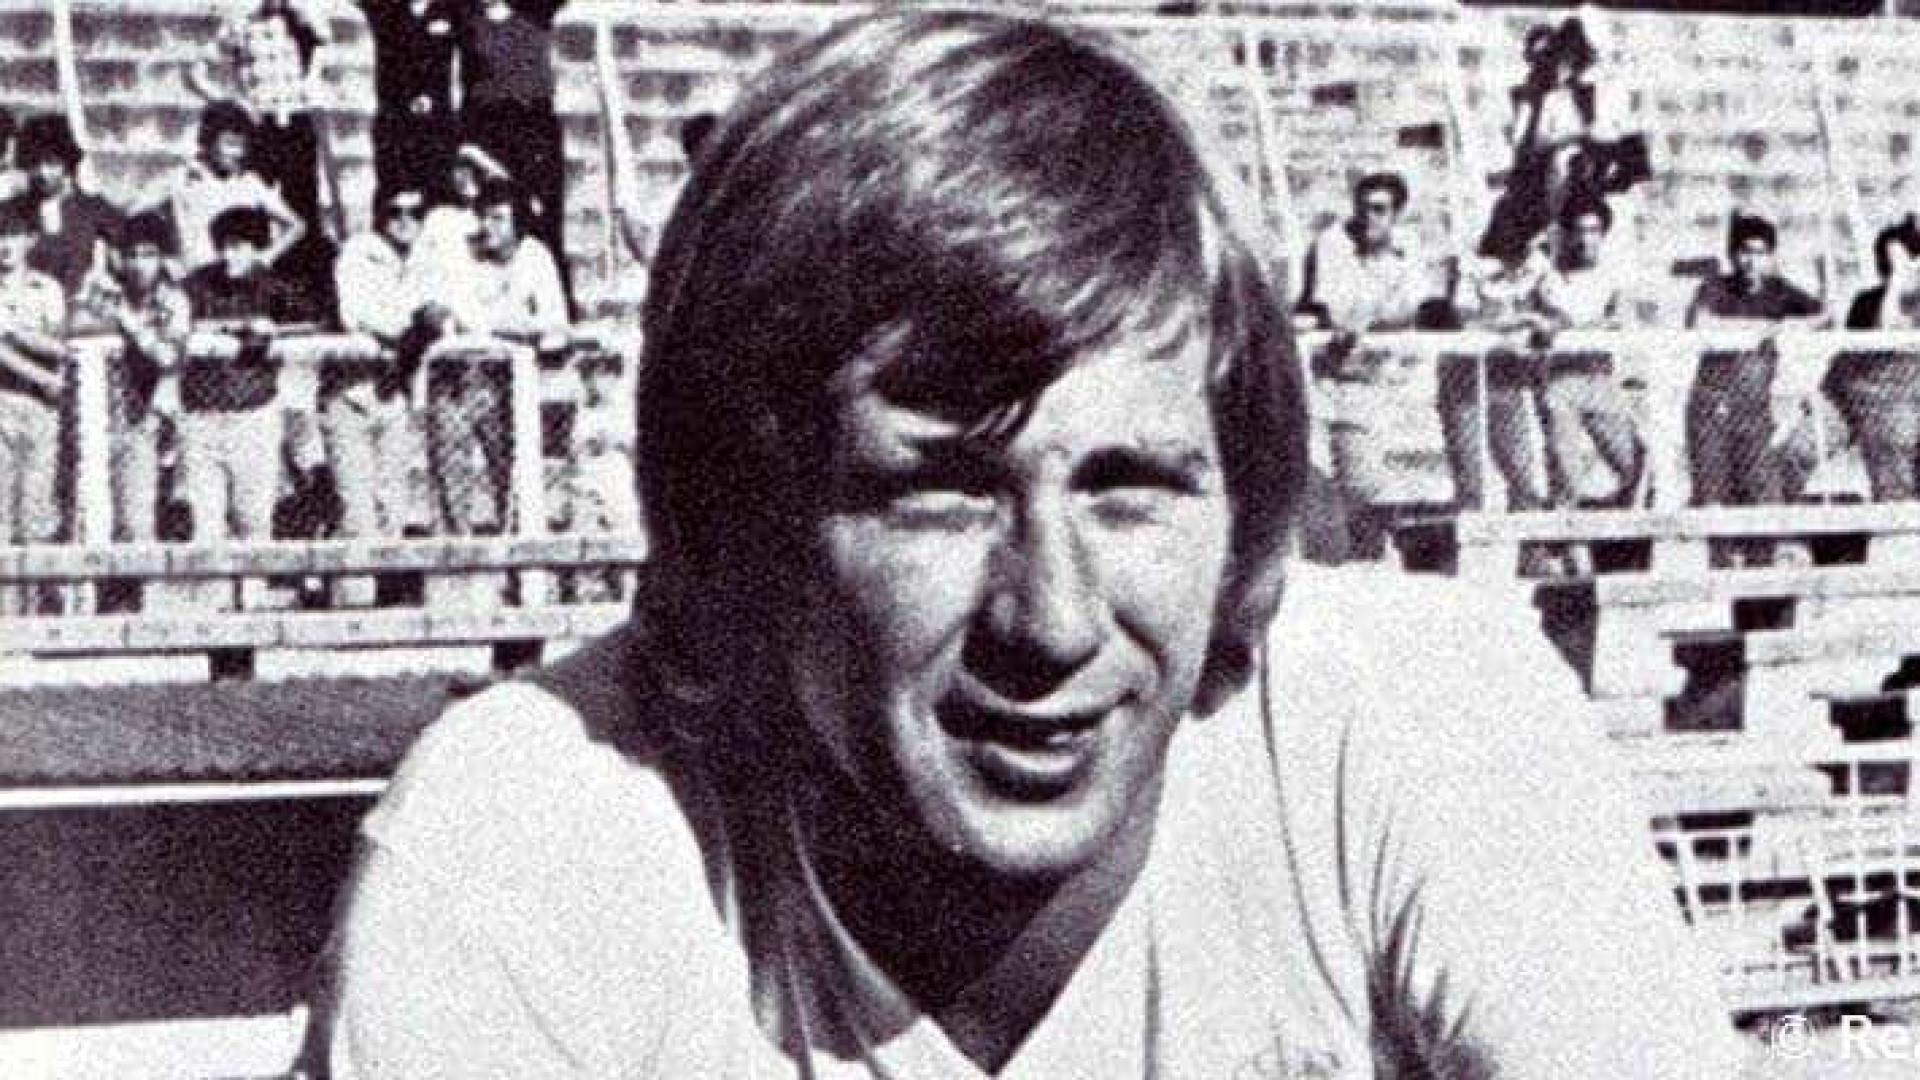 Morre aos 68 anos ex-jogador do Real Madrid